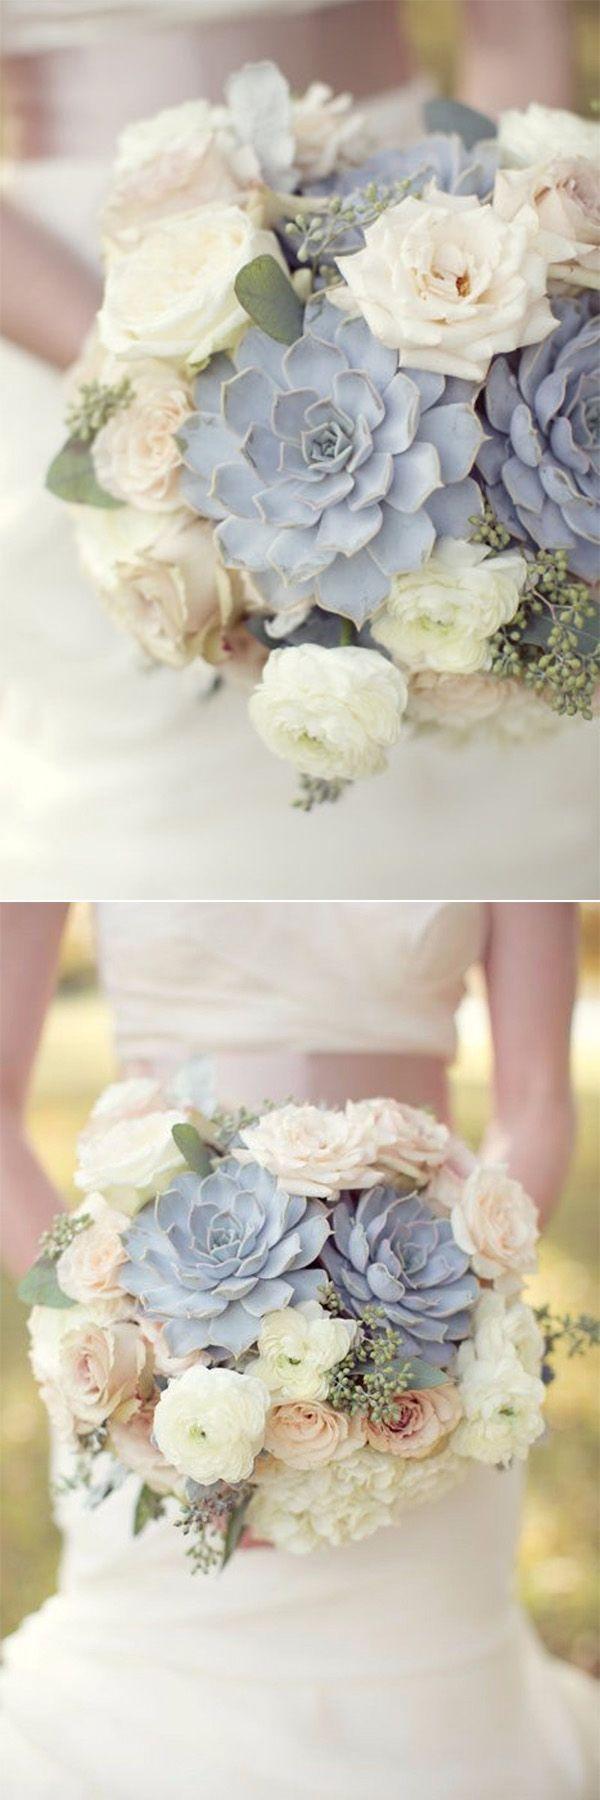 25 Creative and Unique Succulent Wedding Bouquets Ideas | Neutral ...